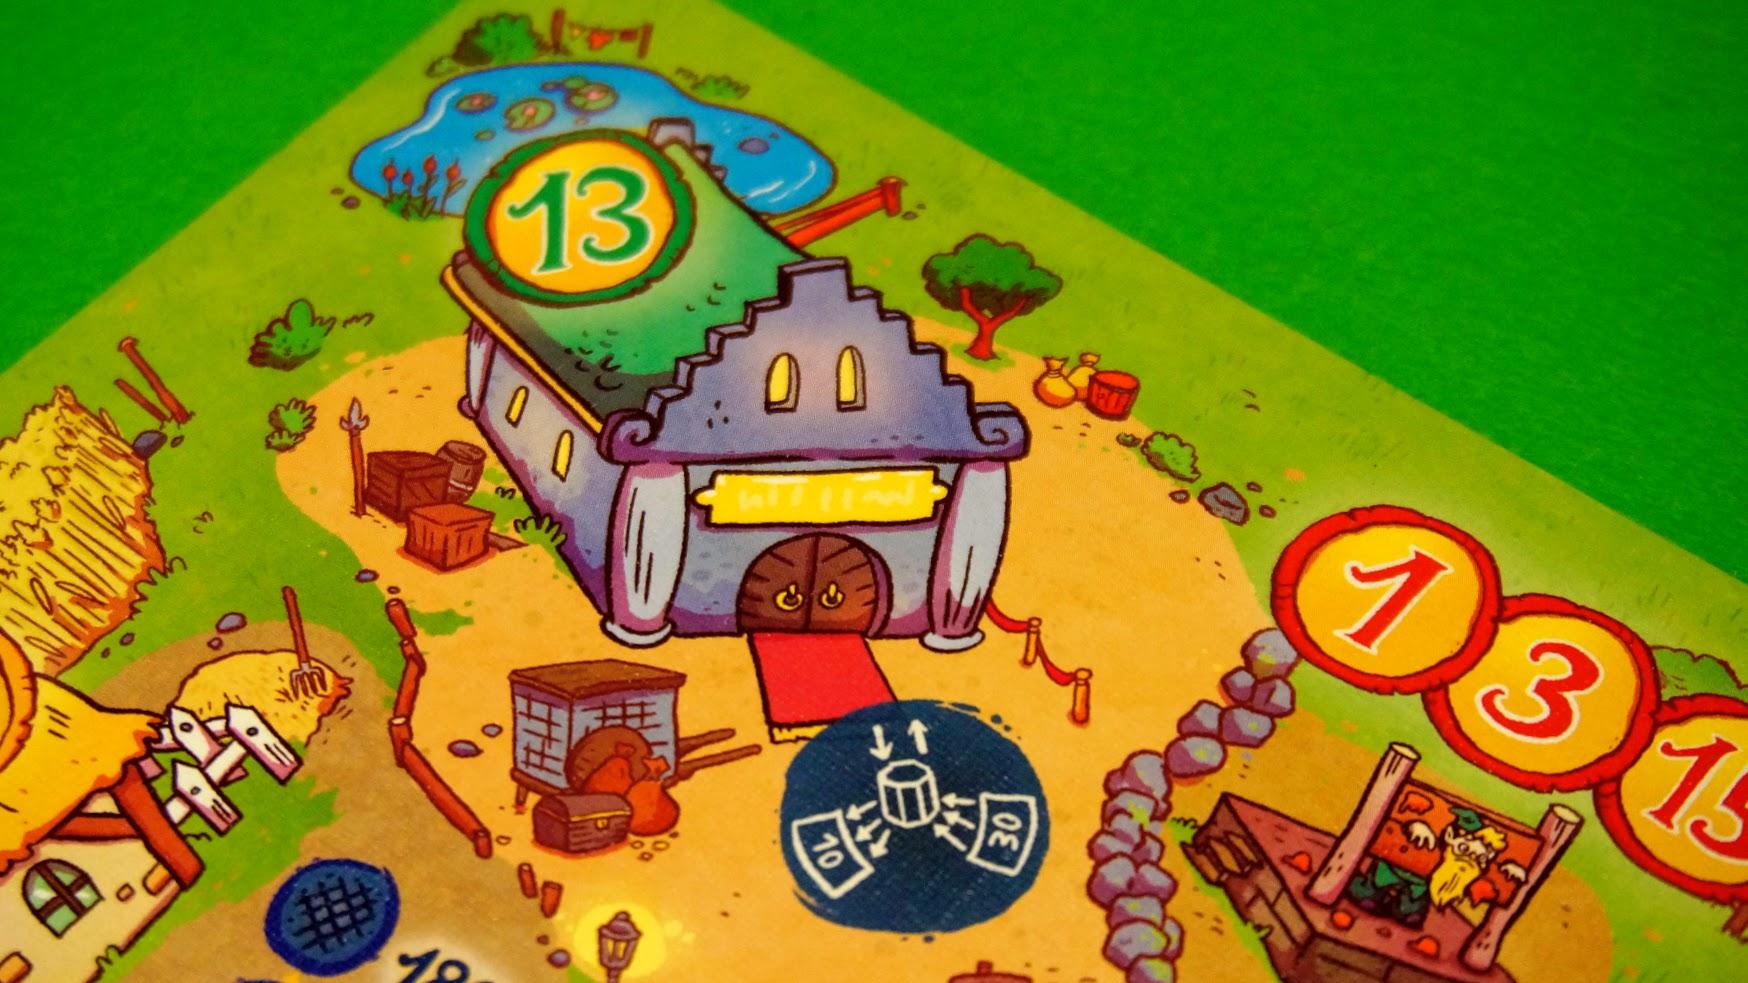 シュッテルス/ノームの村:「13」